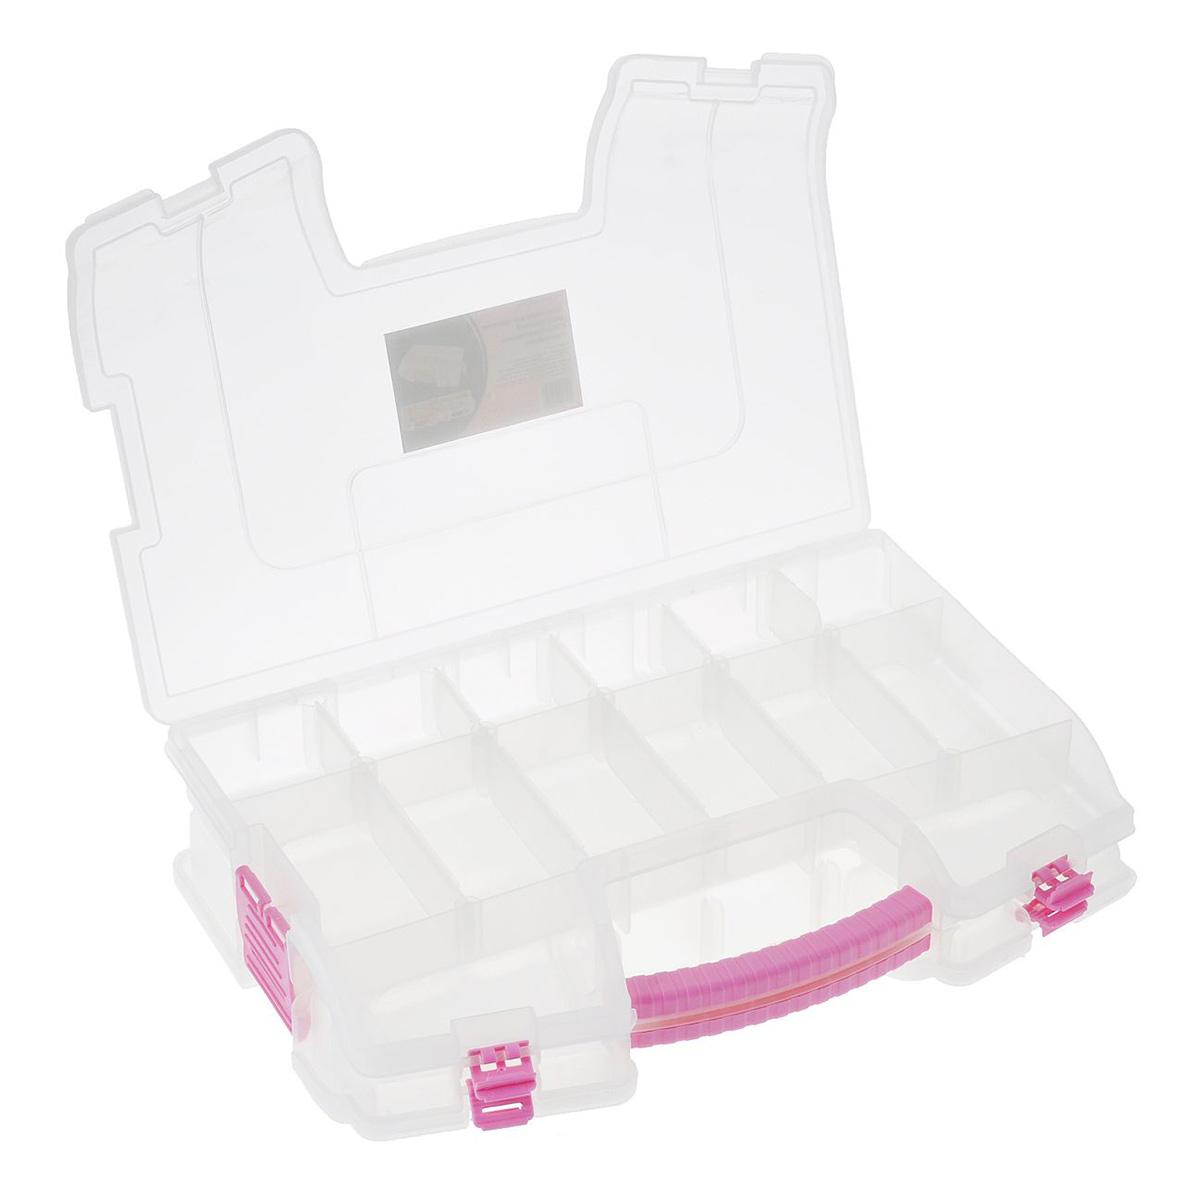 Органайзер для хранения двухсторонний с 34 регулируемыми отделениями 930532, 36,5x24,5x8,4 см, Hobby&Pro